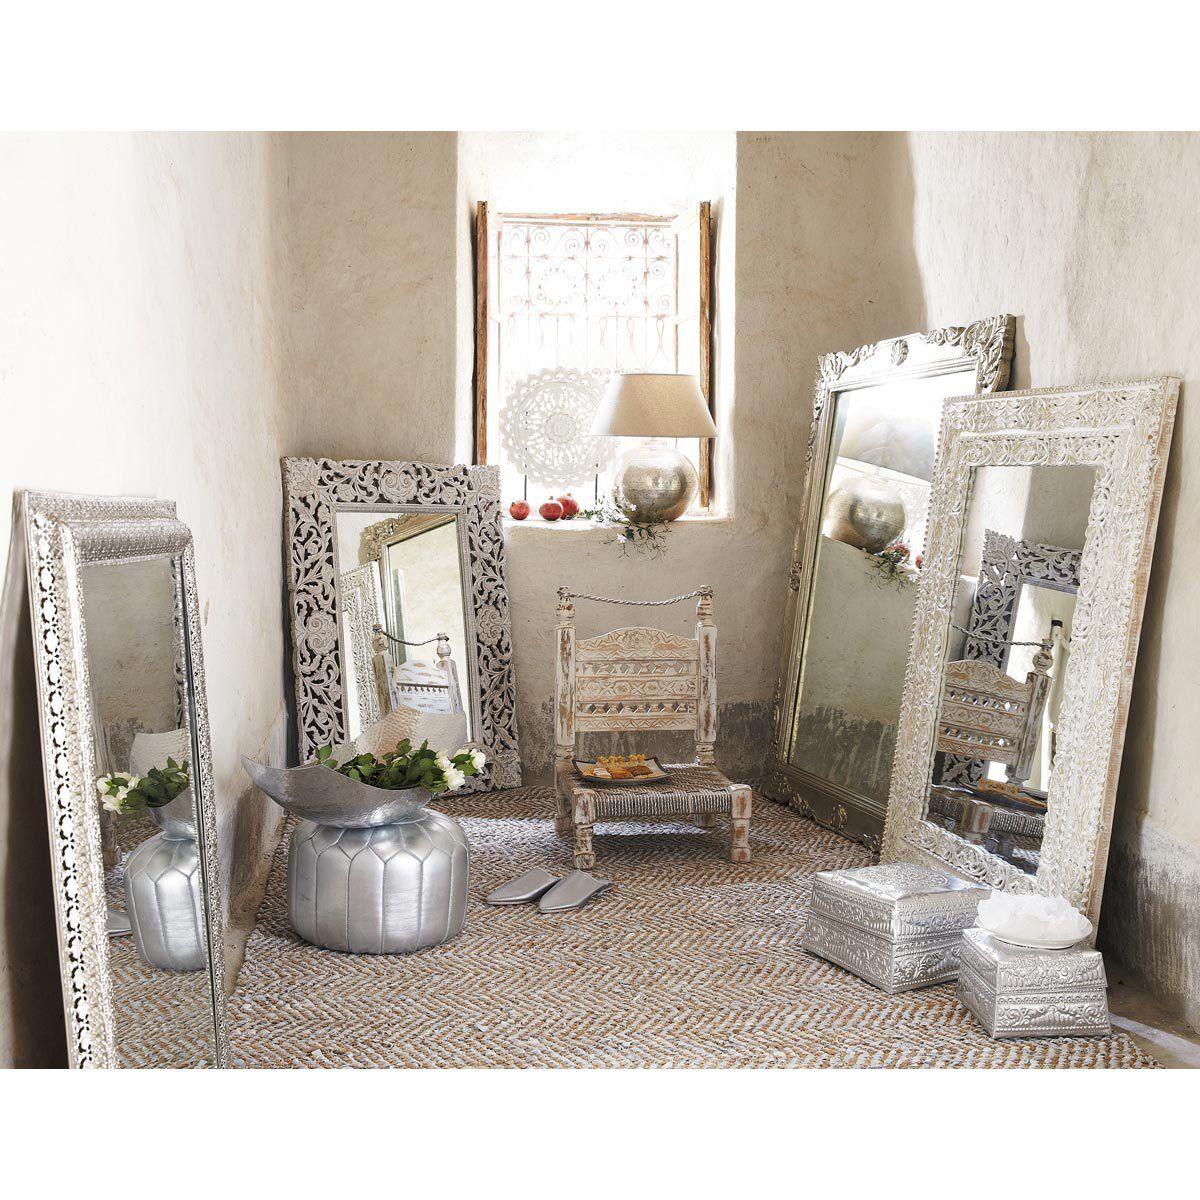 miroir blanc bhopal maisons du monde exotique miroir. Black Bedroom Furniture Sets. Home Design Ideas